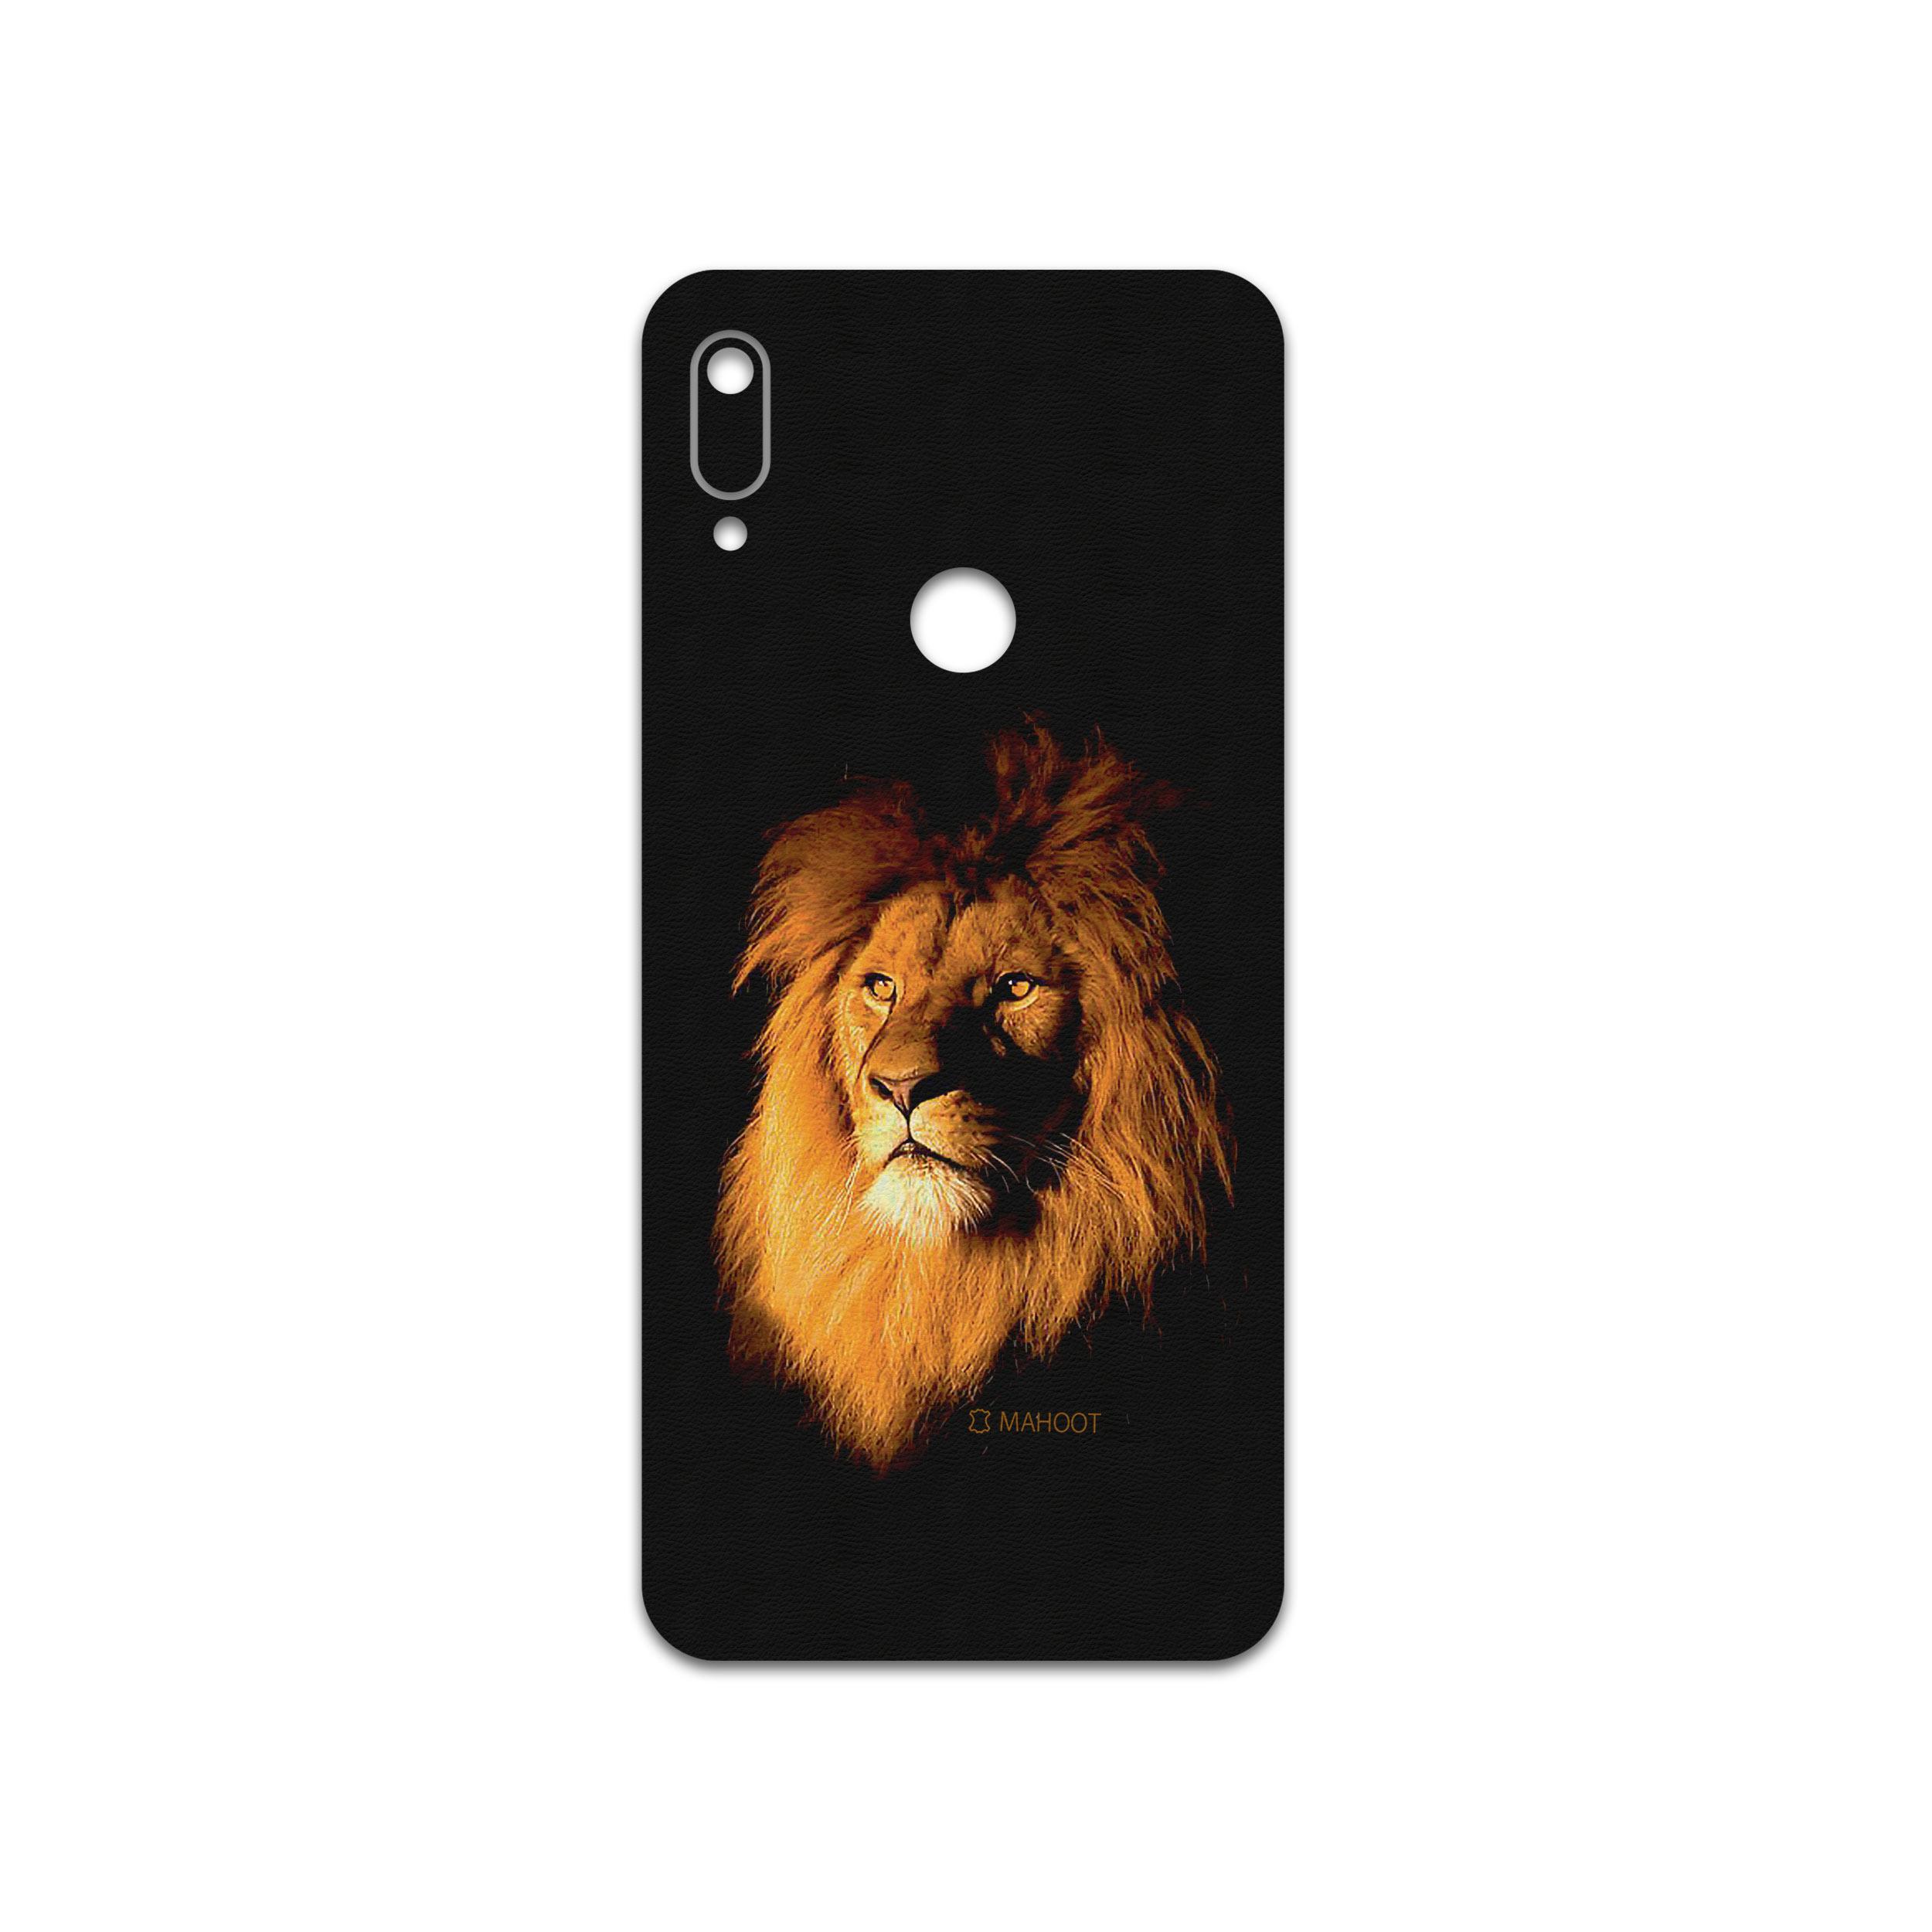 برچسب پوششی ماهوت مدل Lion مناسب برای گوشی موبایل هوآوی Y6 Prime 2019